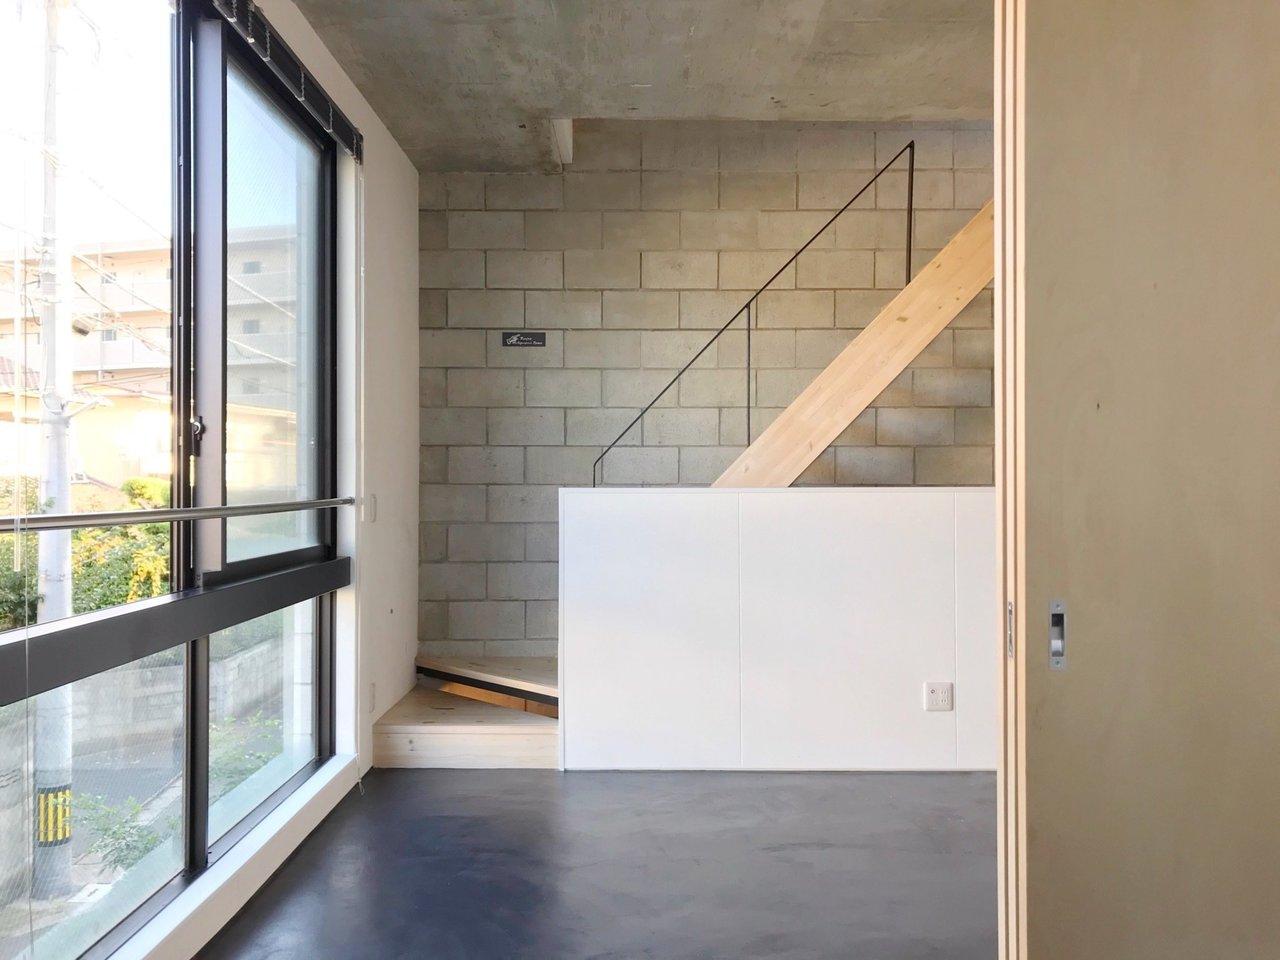 憧れの「一軒家」に住んでみよう。福岡のおしゃれな賃貸戸建&テラスハウス特集